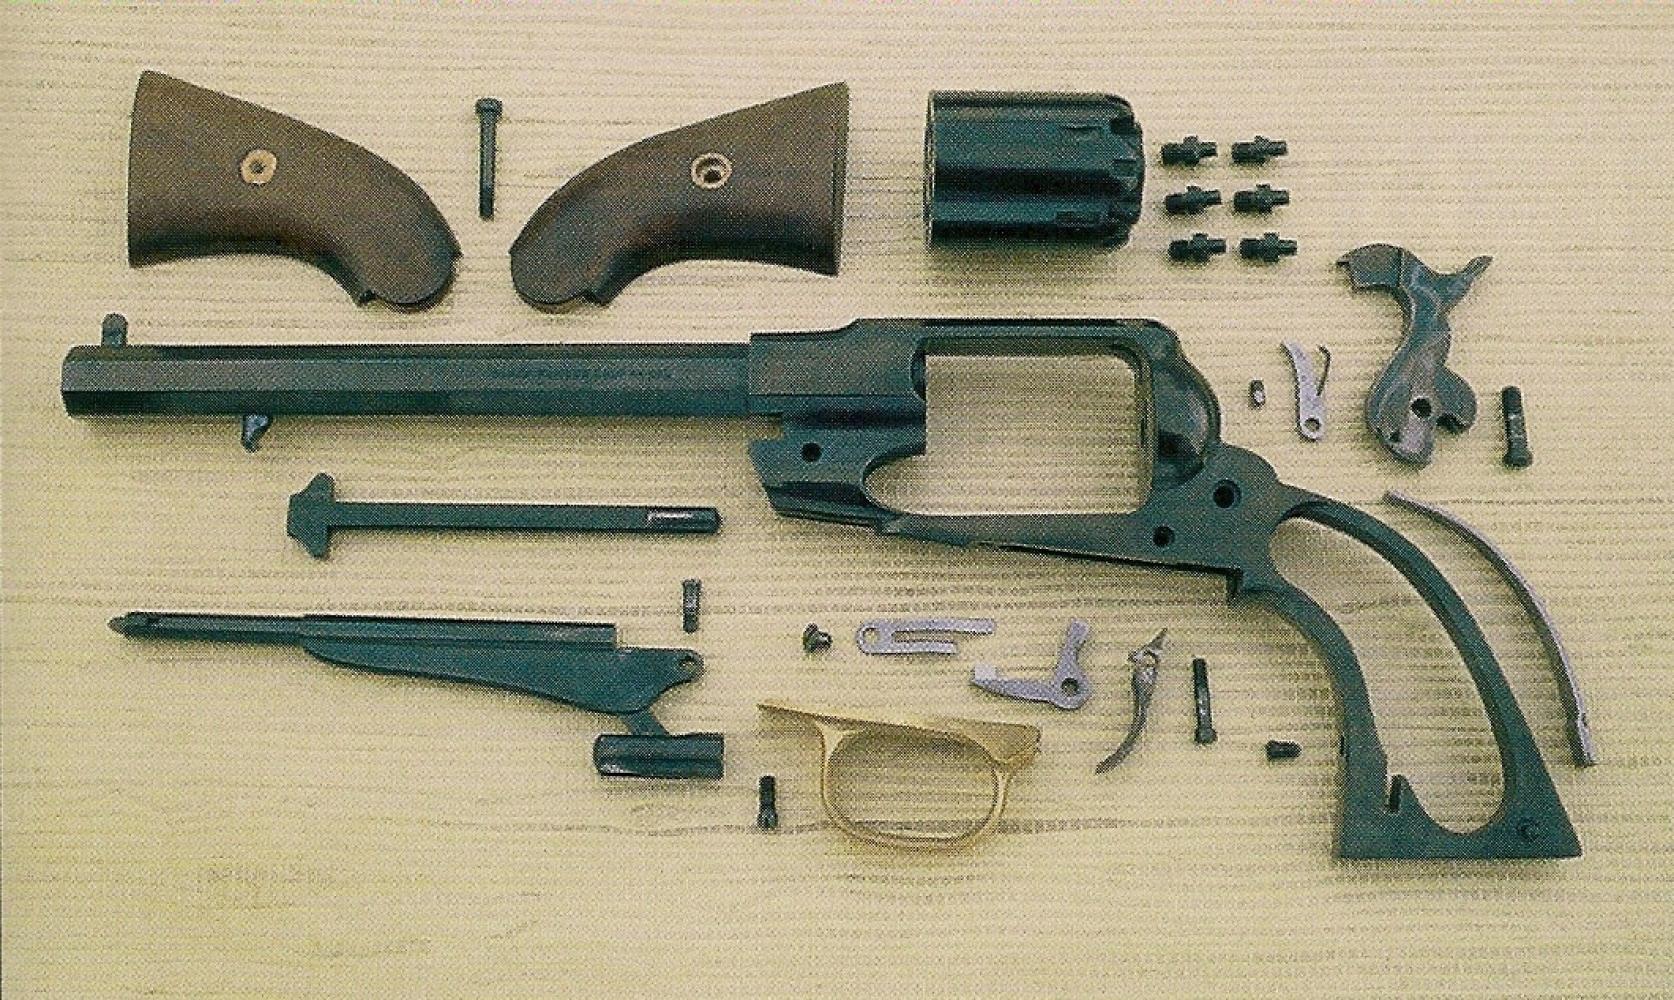 Vue de l'ensemble des pièces qui composent l'arme après avoir terminé le grand démontage. Le démontage des pièces ne doit pas être poussé plus avant. Certaines sont soudées (guidon sur le canon), d'autres fermement bloquées et parfois collées (canon sur la carcasse), d'autres encore serties ou matées (petit ressort à lame sur le doigt élévateur).